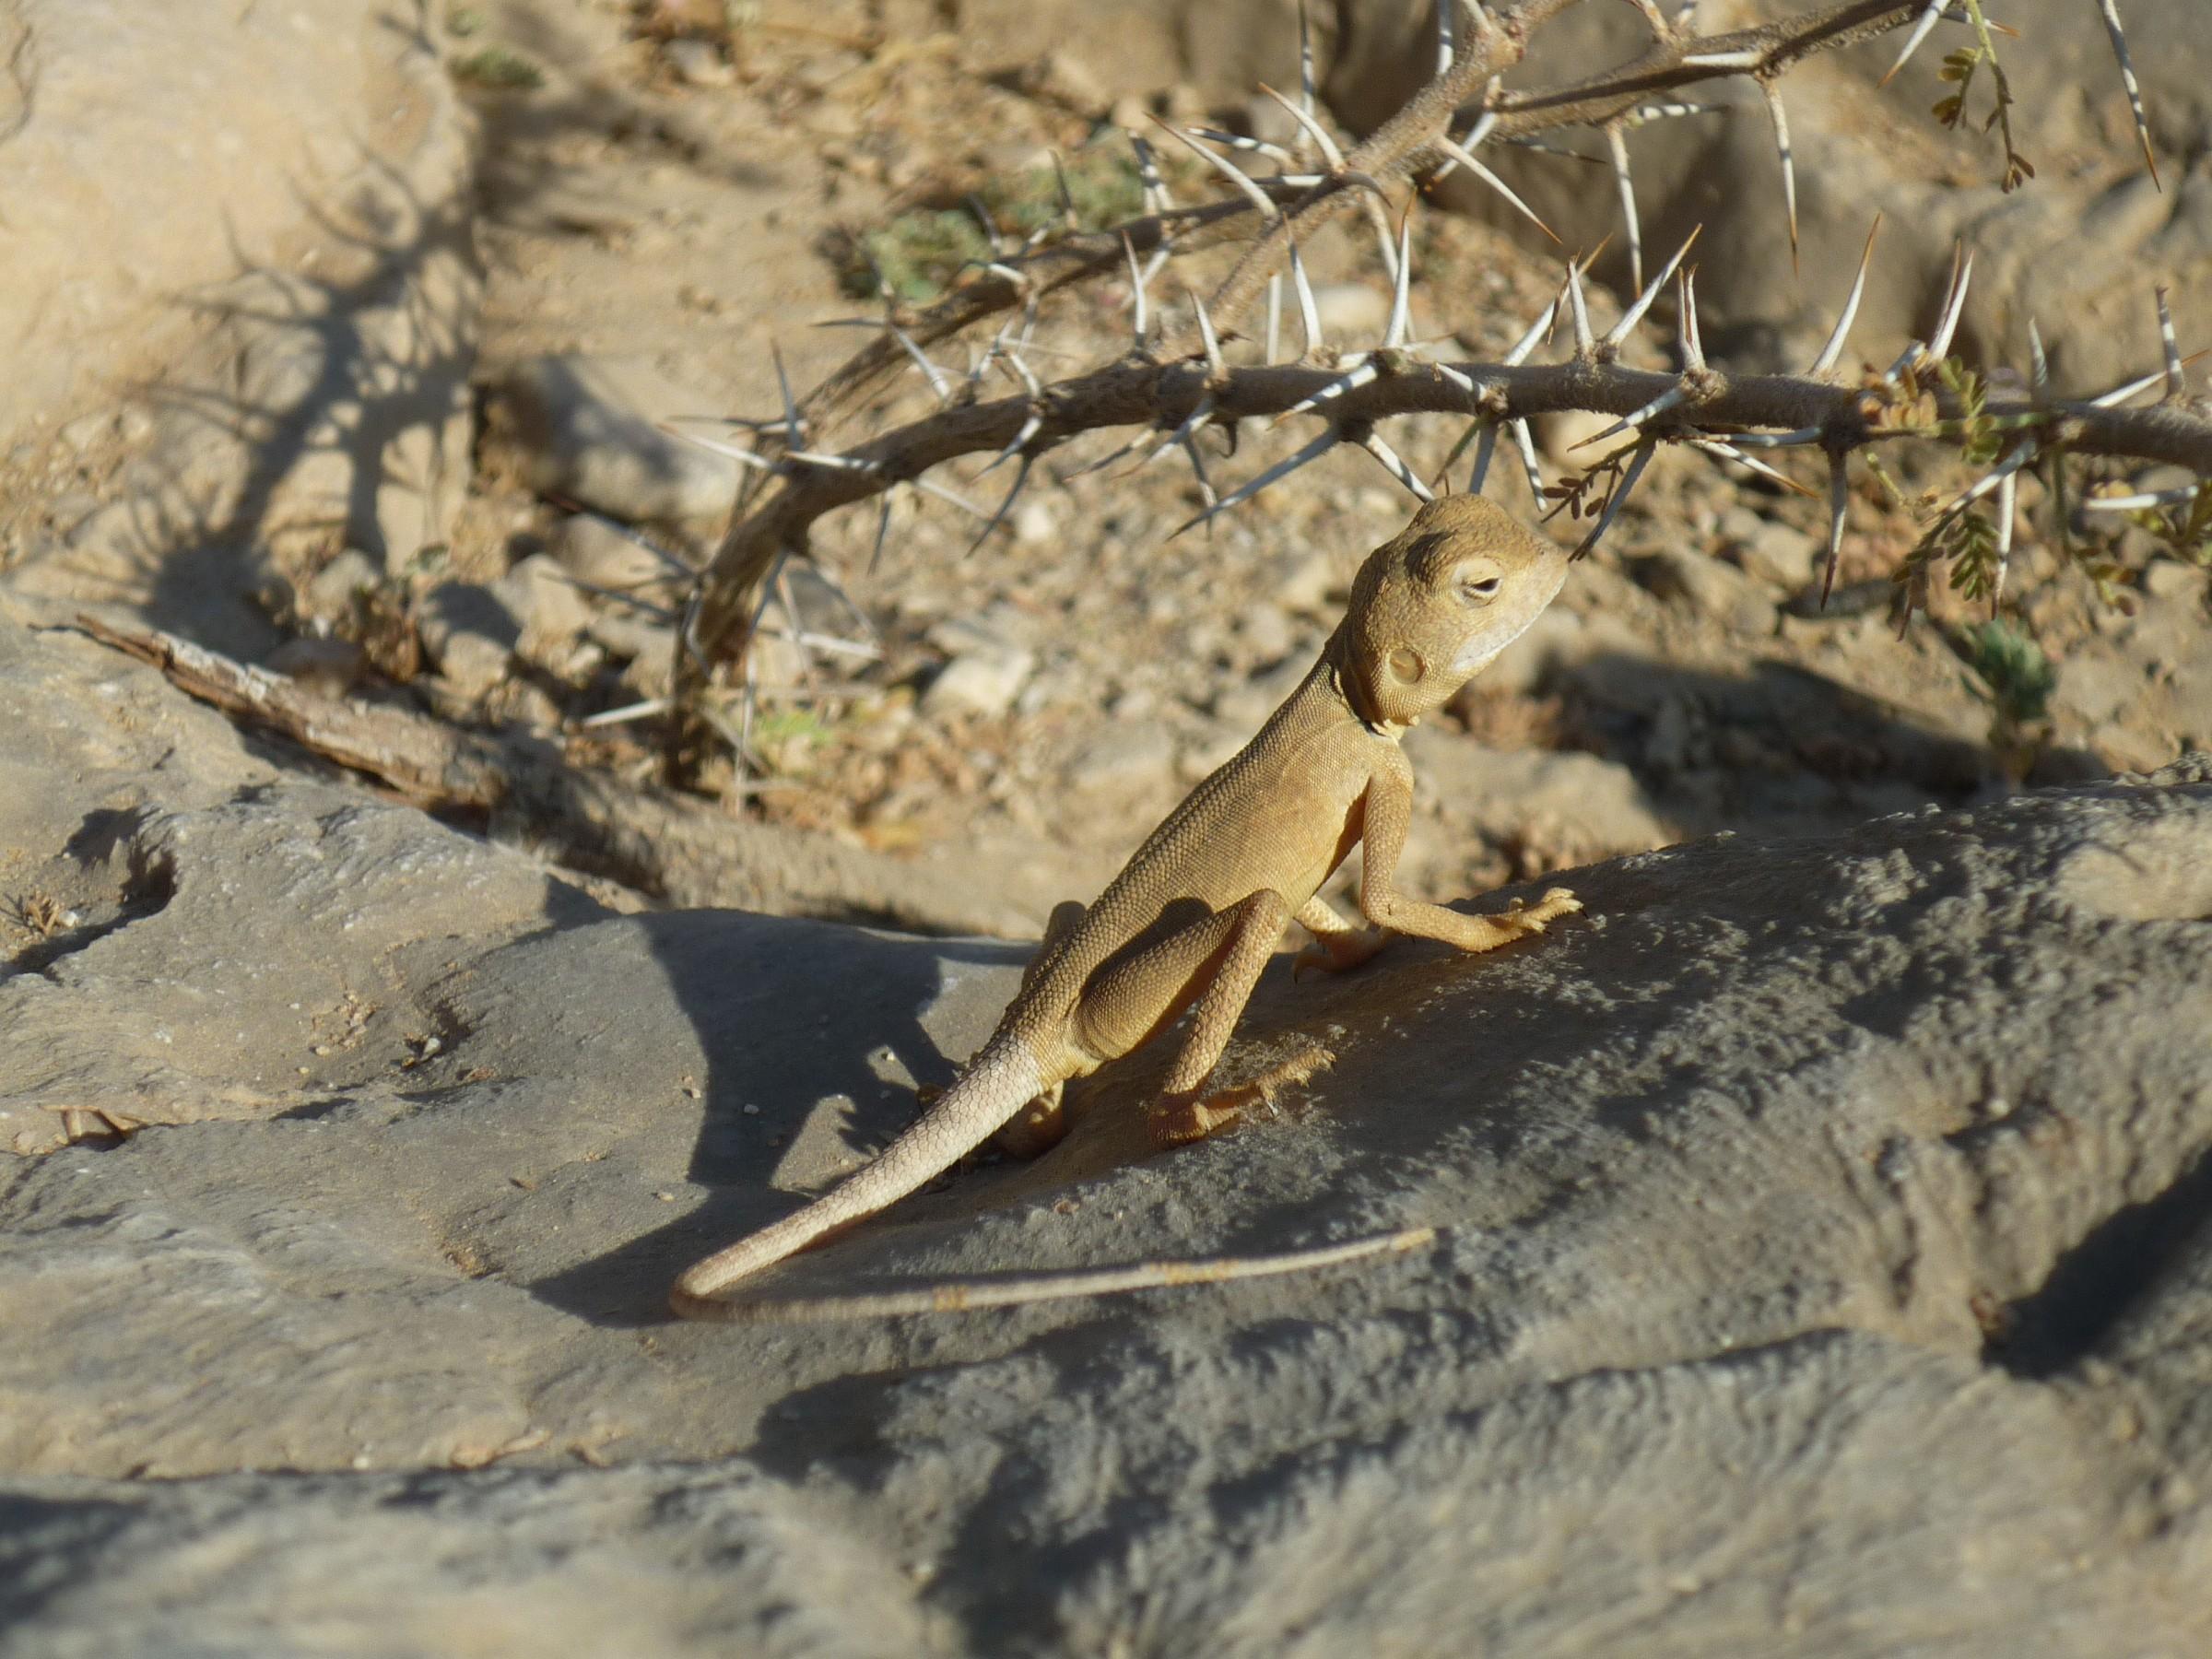 Curious reptile....